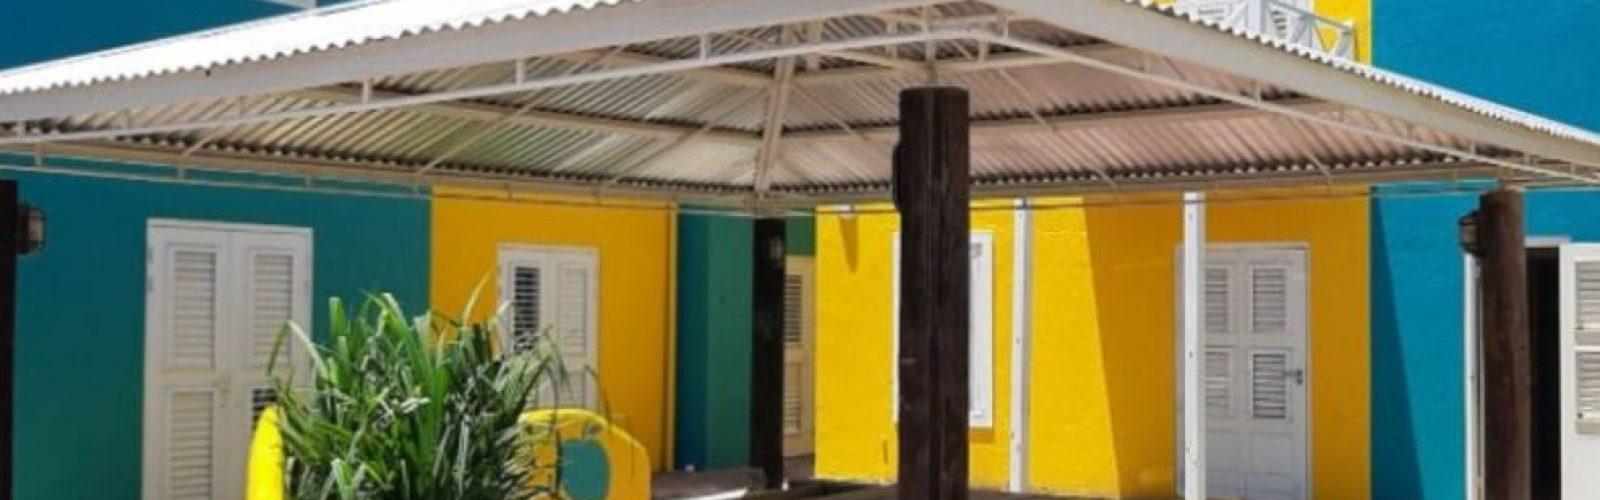 Nieuwestraat - Stage Curacao